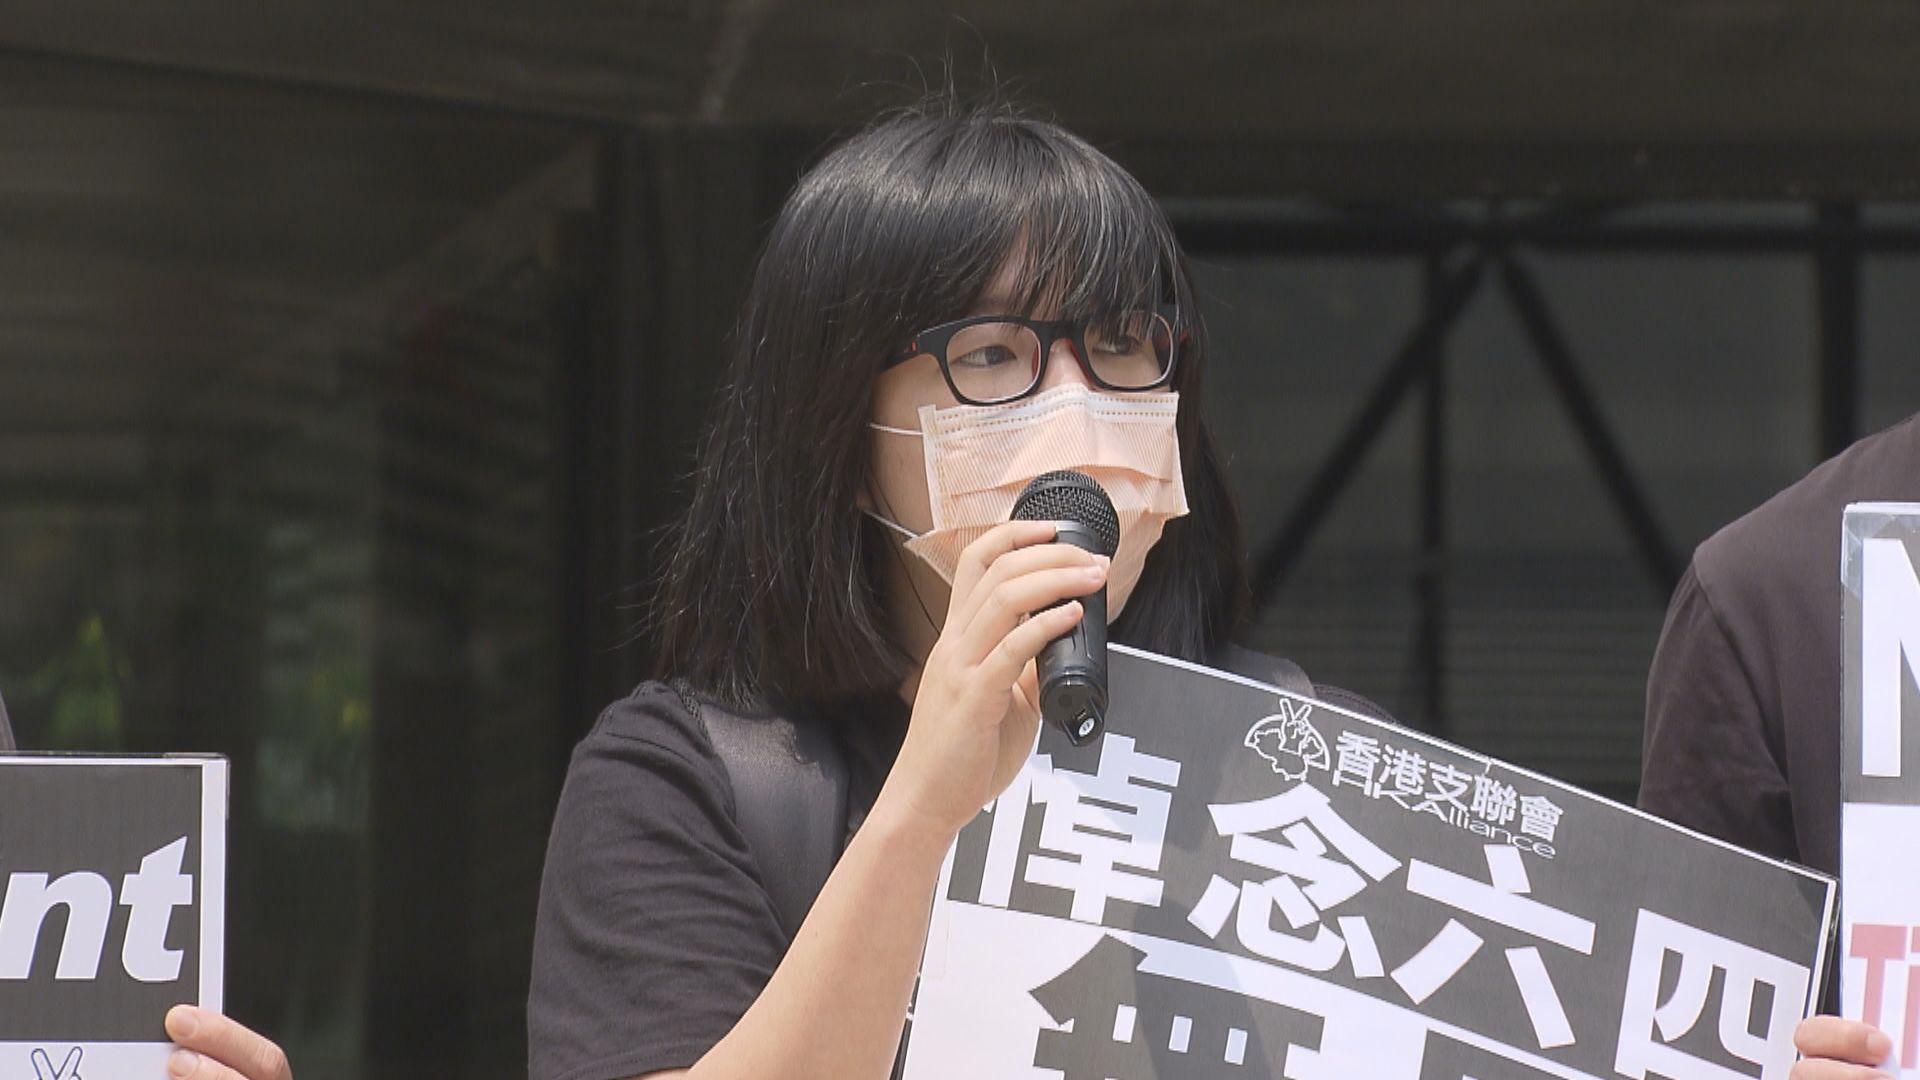 消息:鄒幸彤涉公告或宣傳未經批准集會被捕